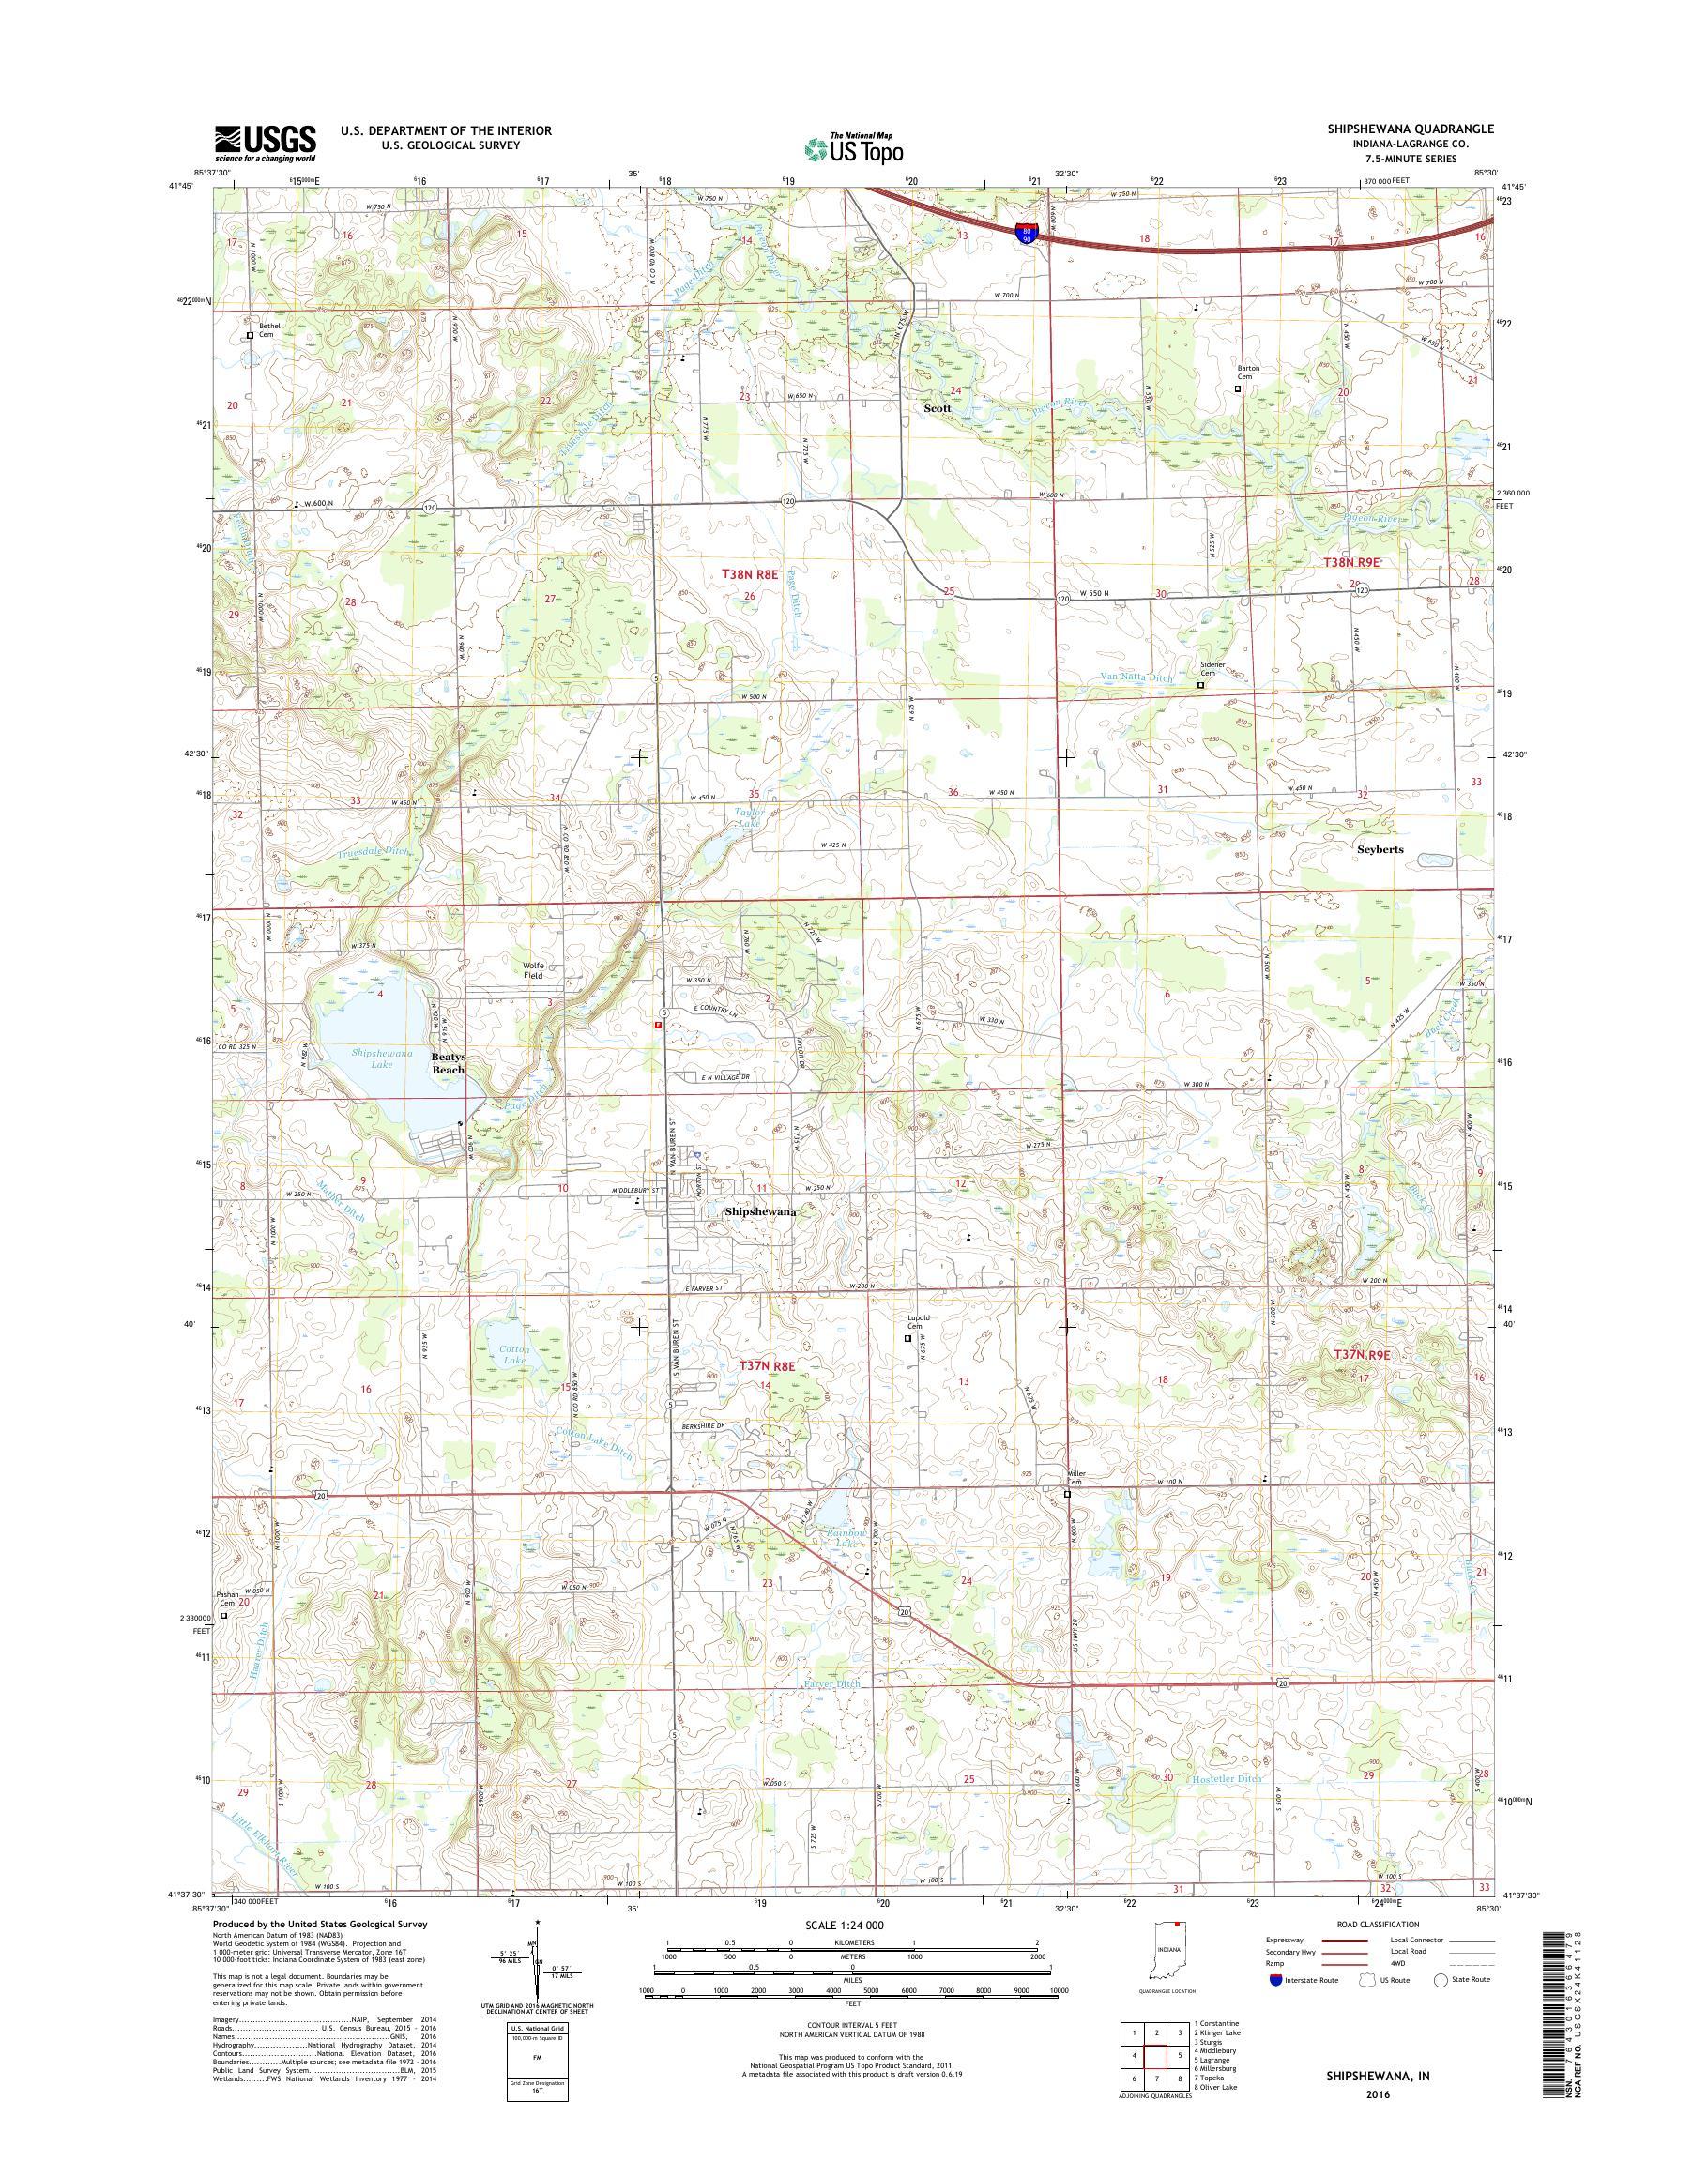 MyTopo Shipshewana, Indiana USGS Quad Topo Map on indiana street map, osceola indiana map, south bend indiana map, warsaw indiana map, lagrange county indiana map, elkhart indiana map, universal indiana map, nashville indiana map, mongo indiana map, carlinville indiana map, city of clinton indiana map, straughn indiana map, scott indiana map, united states indiana map, new albany indiana map, waynetown indiana map, chicago indiana map, mooresville indiana map, noblesville indiana map, howe indiana map,